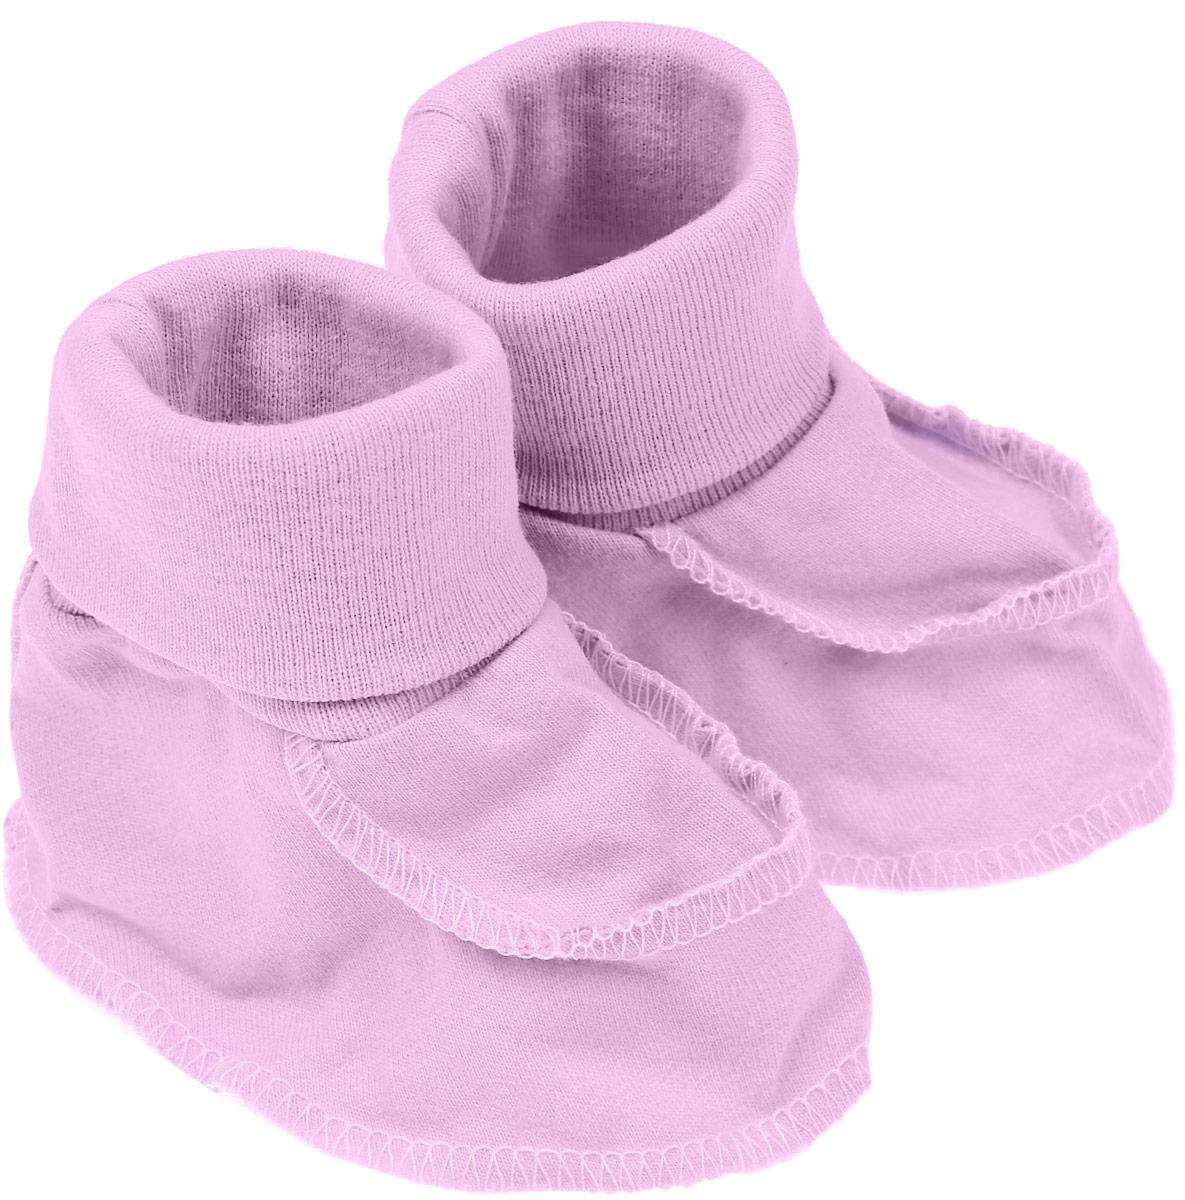 Пинетки Чудесные одежки, цвет: розовый. 5902. Размер 625902Пинетки Чудесные одежки изготовлены из натурального хлопка. Они не раздражают нежную кожу ребенка. Широкая эластичная резинке не стягивают ножки. Швы в пинетках выполнены на лицевую сторону.